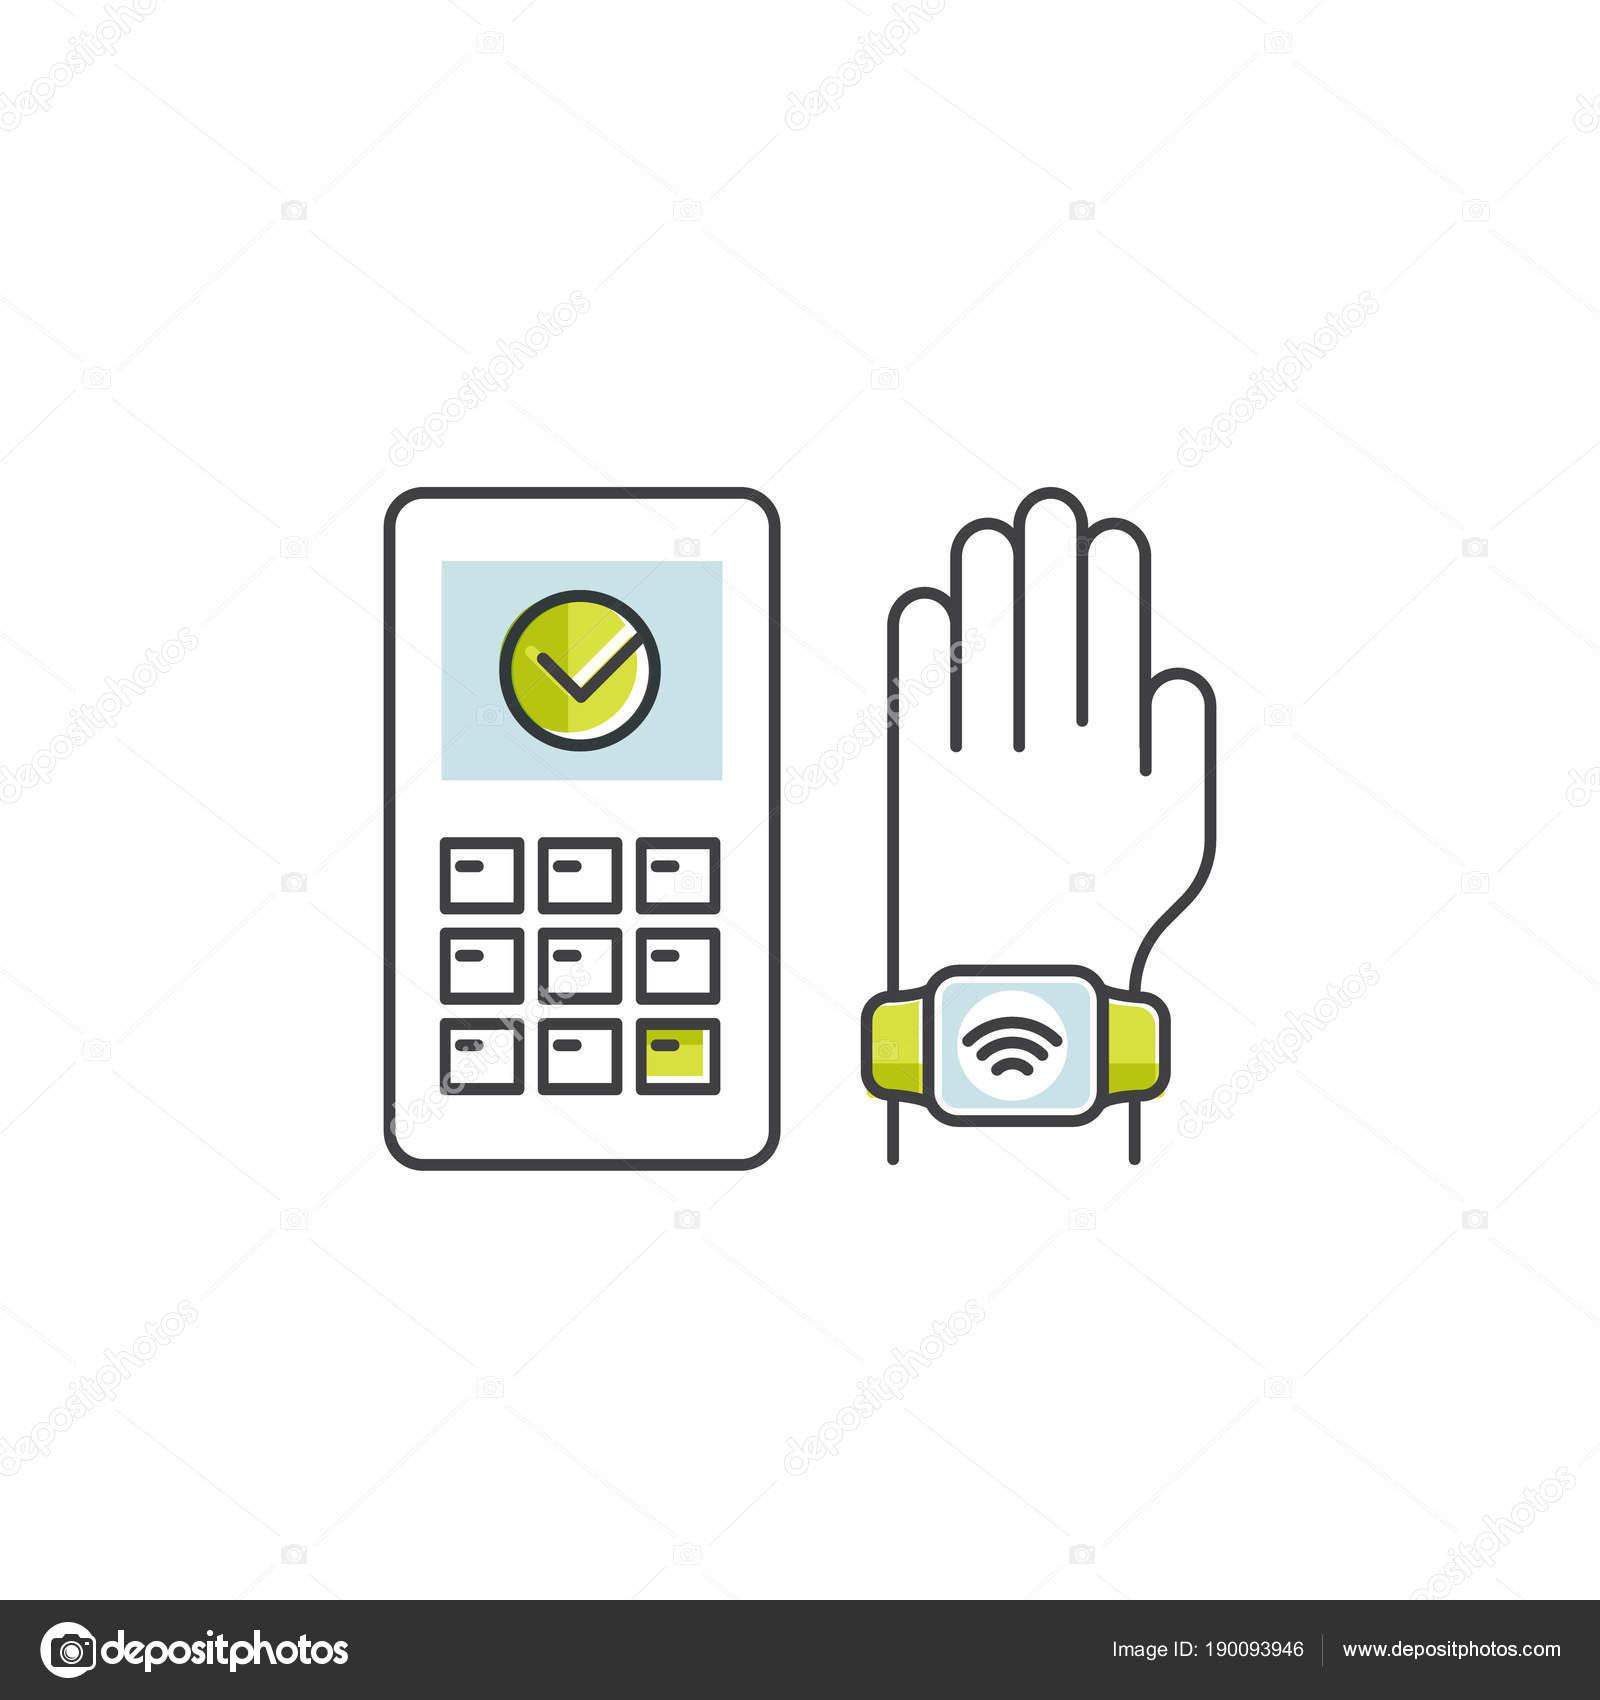 aba3a27e7a84 Vector icono de estilo ilustración de Nfc pago realizado a través del reloj.  Pulsera con mano. Pagar o hacer la compra sin contacto inalámbrico manera o  a ...